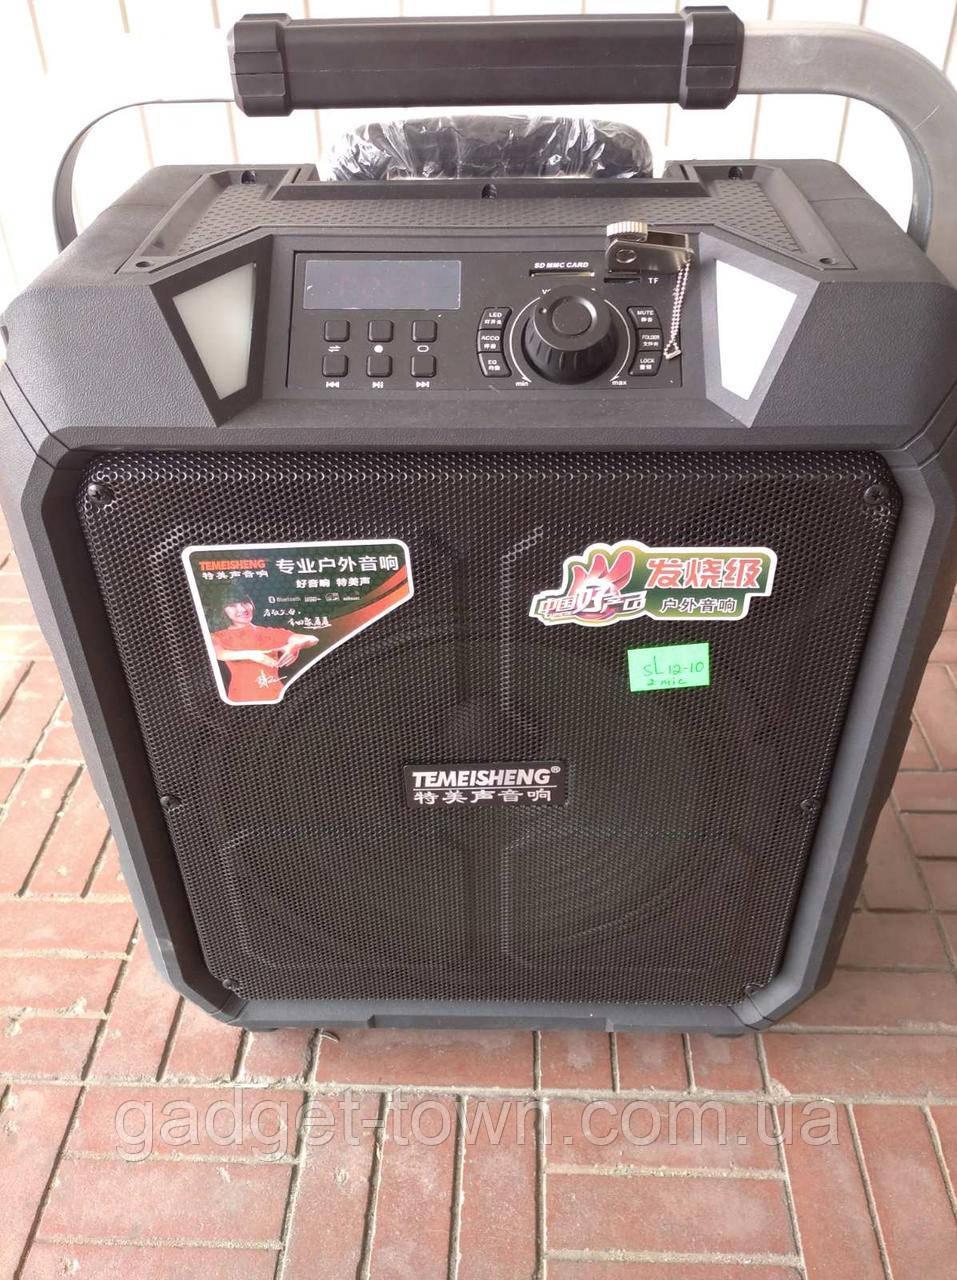 Портативная колонка на аккумуляторе SL12-10 с радиомикрофонами / 180W (USB/Bluetooth)